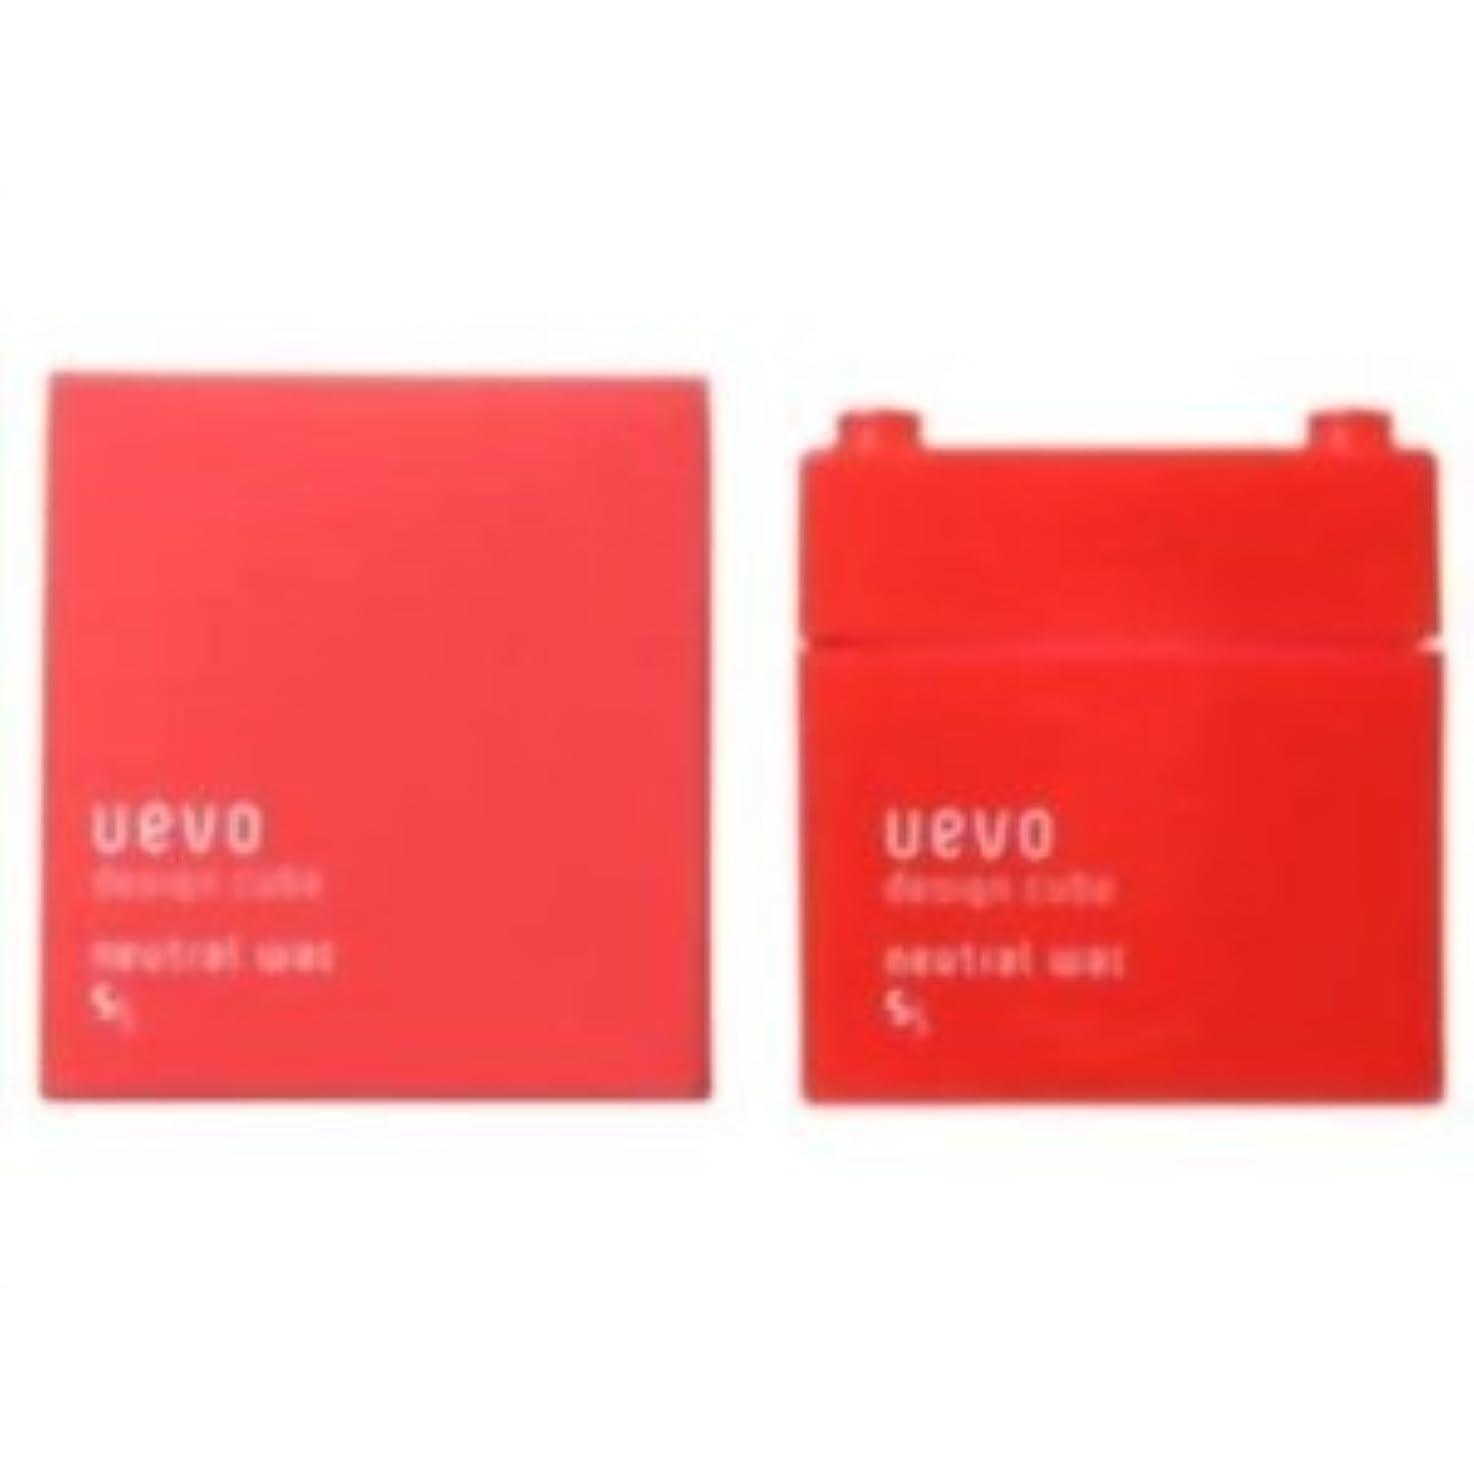 ランドリー変色する大型トラック【X2個セット】 デミ ウェーボ デザインキューブ ニュートラルワックス 80g neutral wax DEMI uevo design cube